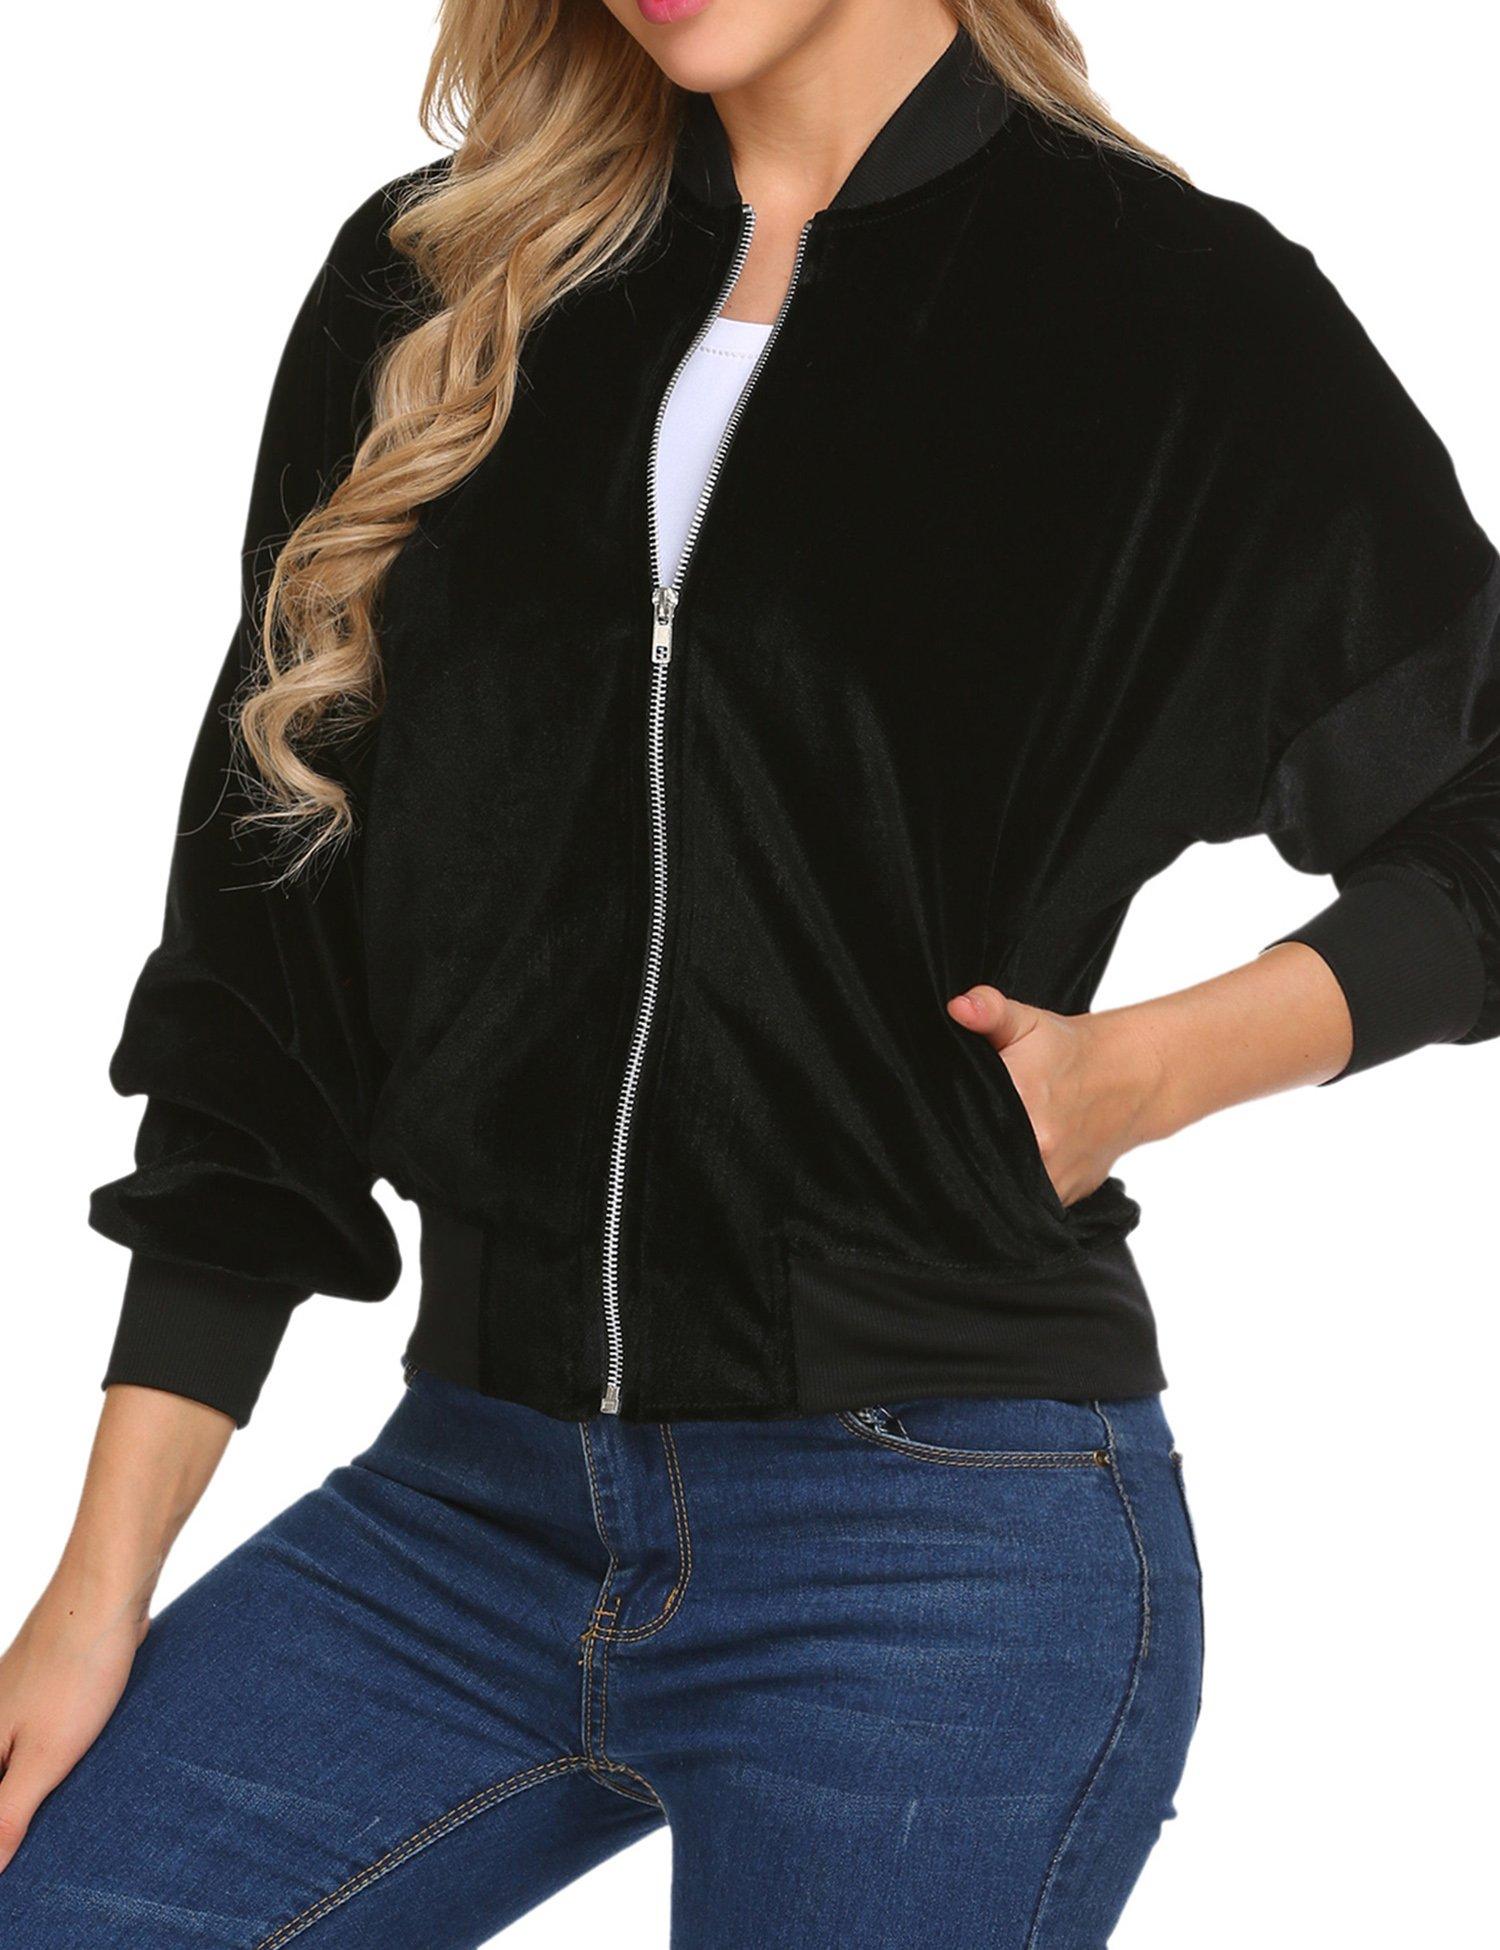 Beyove Women's Lightweight Velvet Coat Hooded Active Outdoor Windbreaker Jacket Black S by Beyove (Image #4)